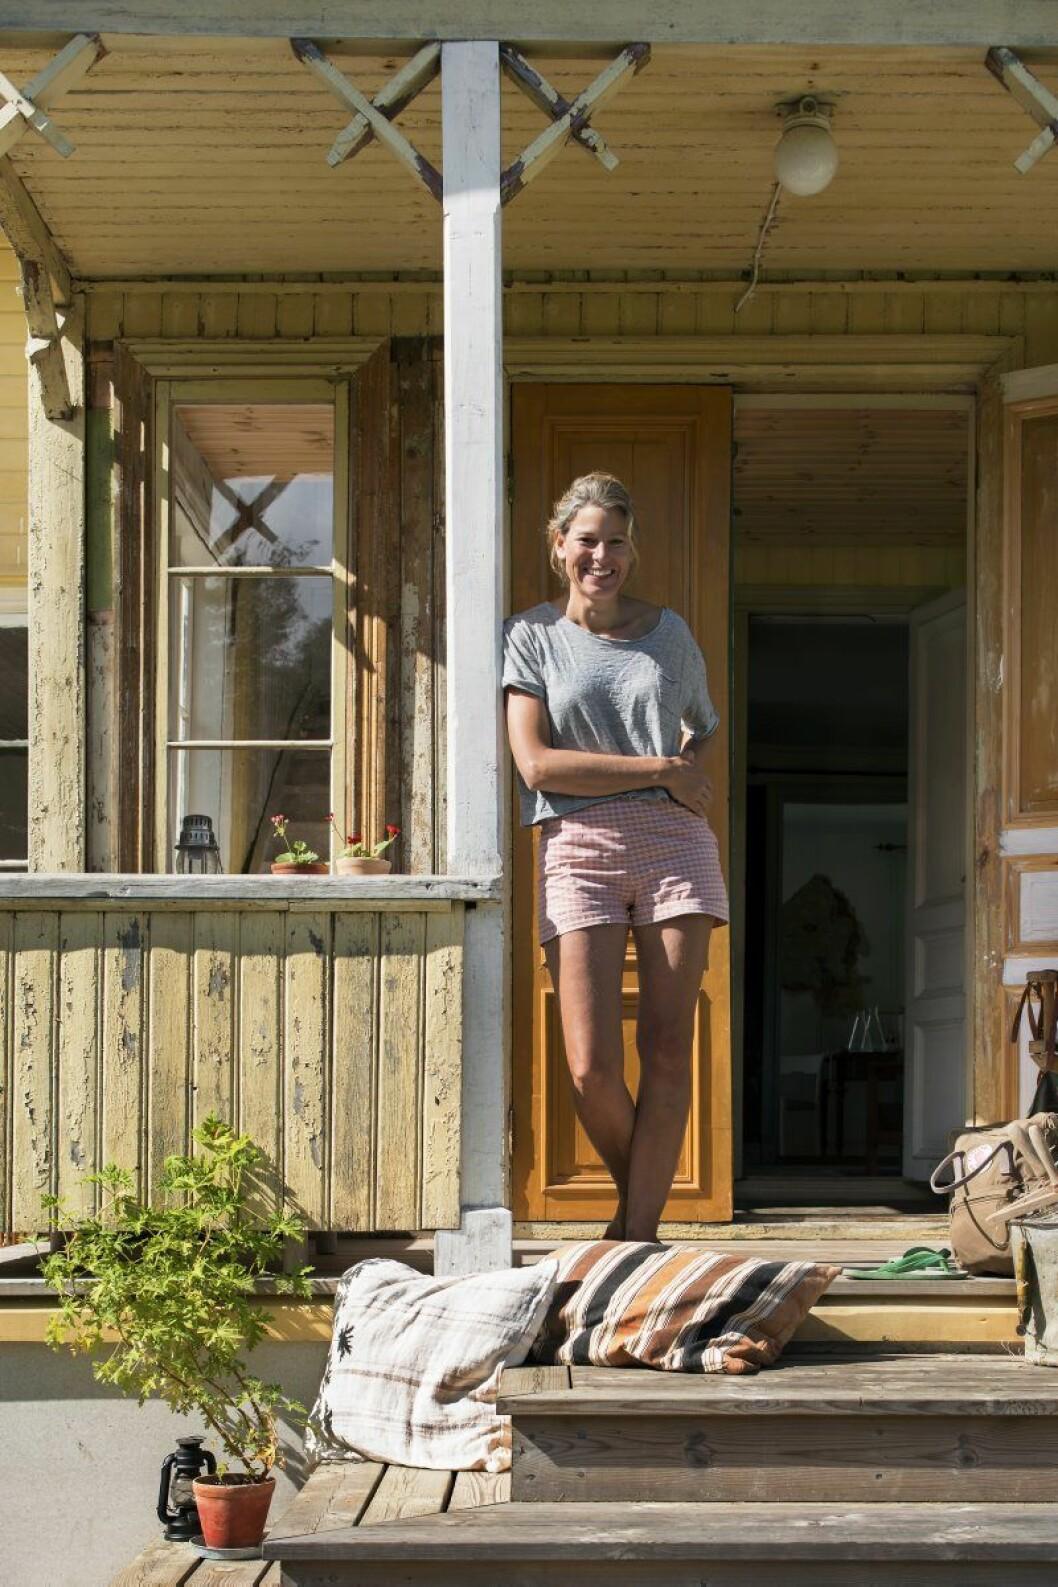 Huset renoveras steg för steg och med noggrann byggnadsvårdsresearch. Emma kan hålla ett femton minuters föredrag om taklisten och åt vilket håll den ska vändas.